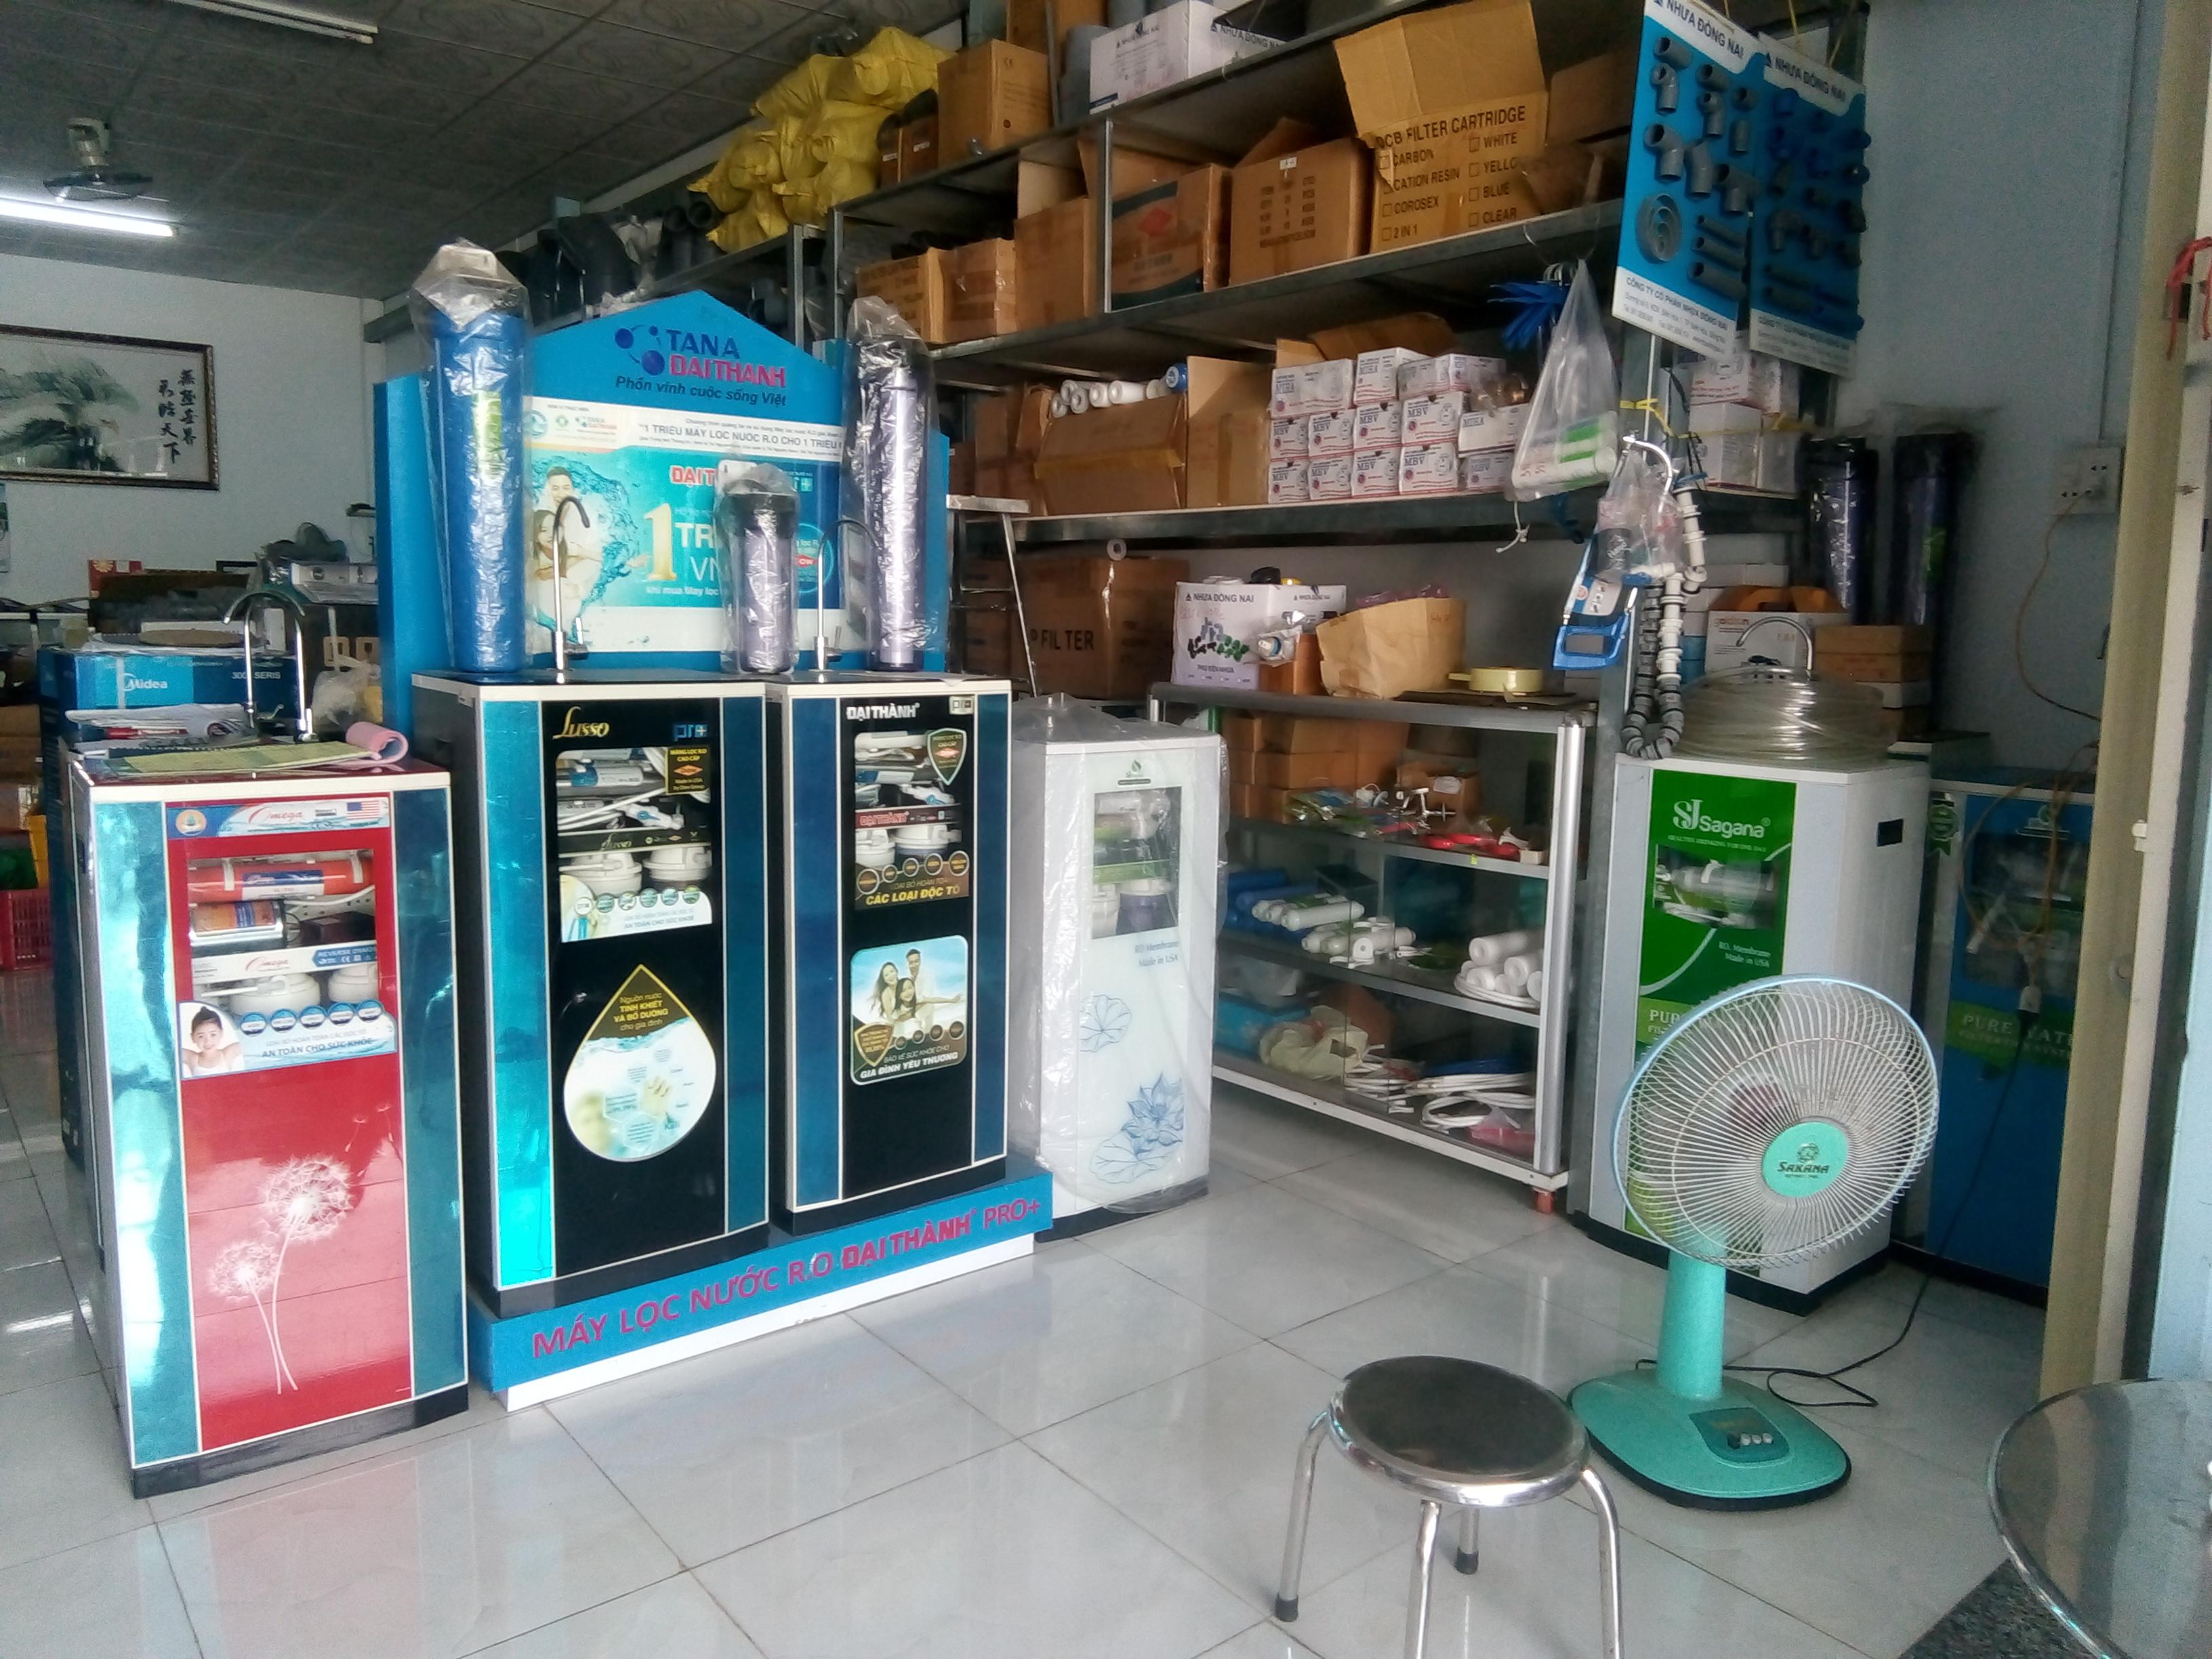 Vật liệu lọc nước vật tư xử lý nước giá gốc